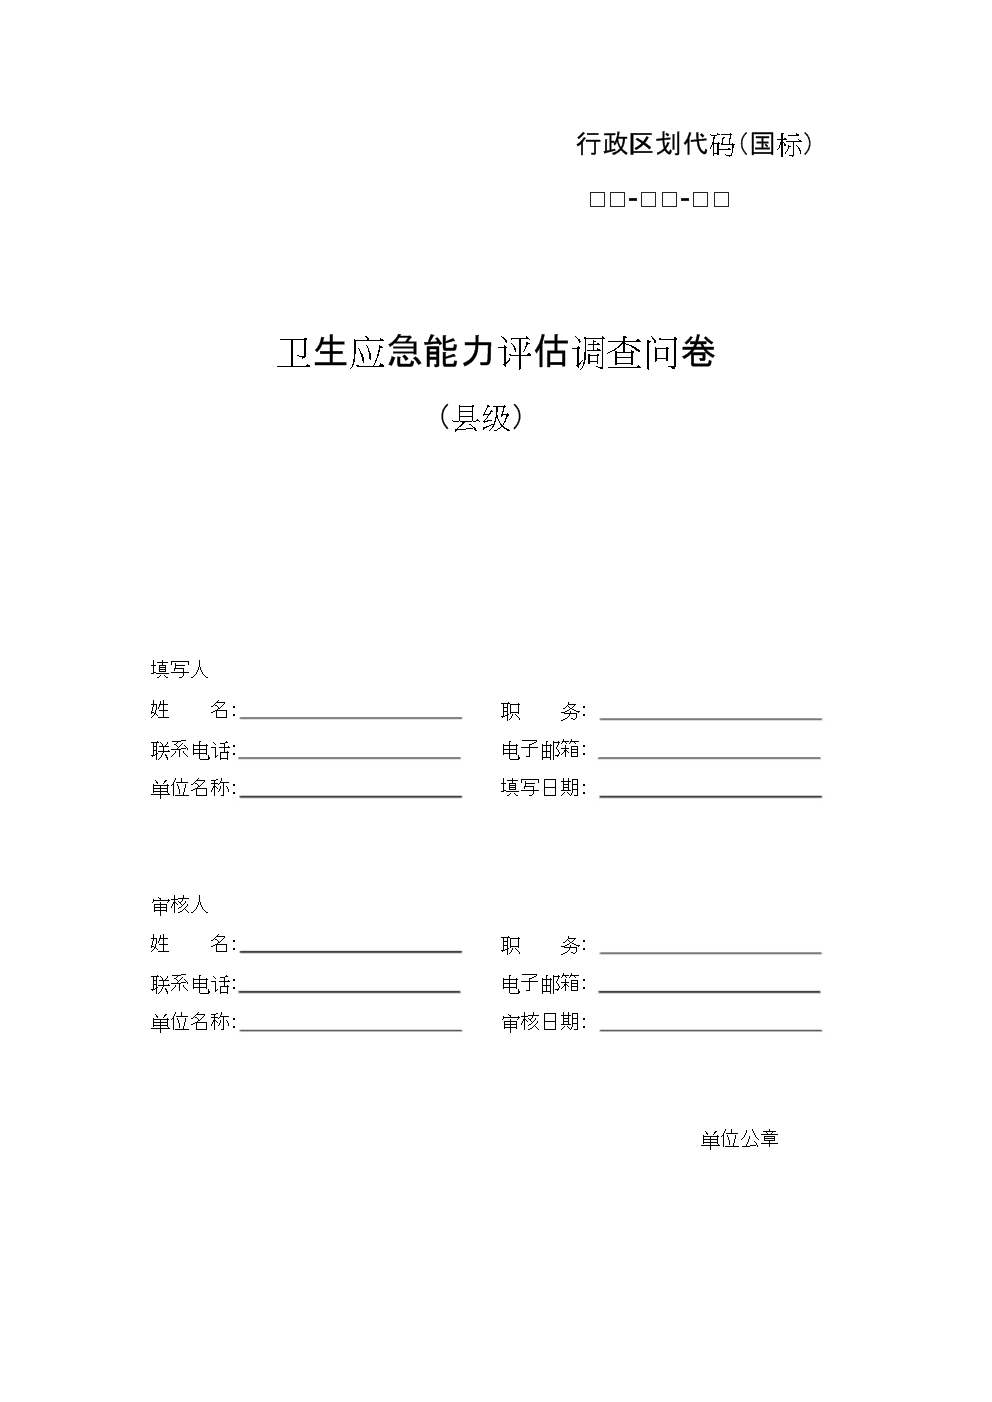 31卫生应急能力评估调查问卷(县级).doc